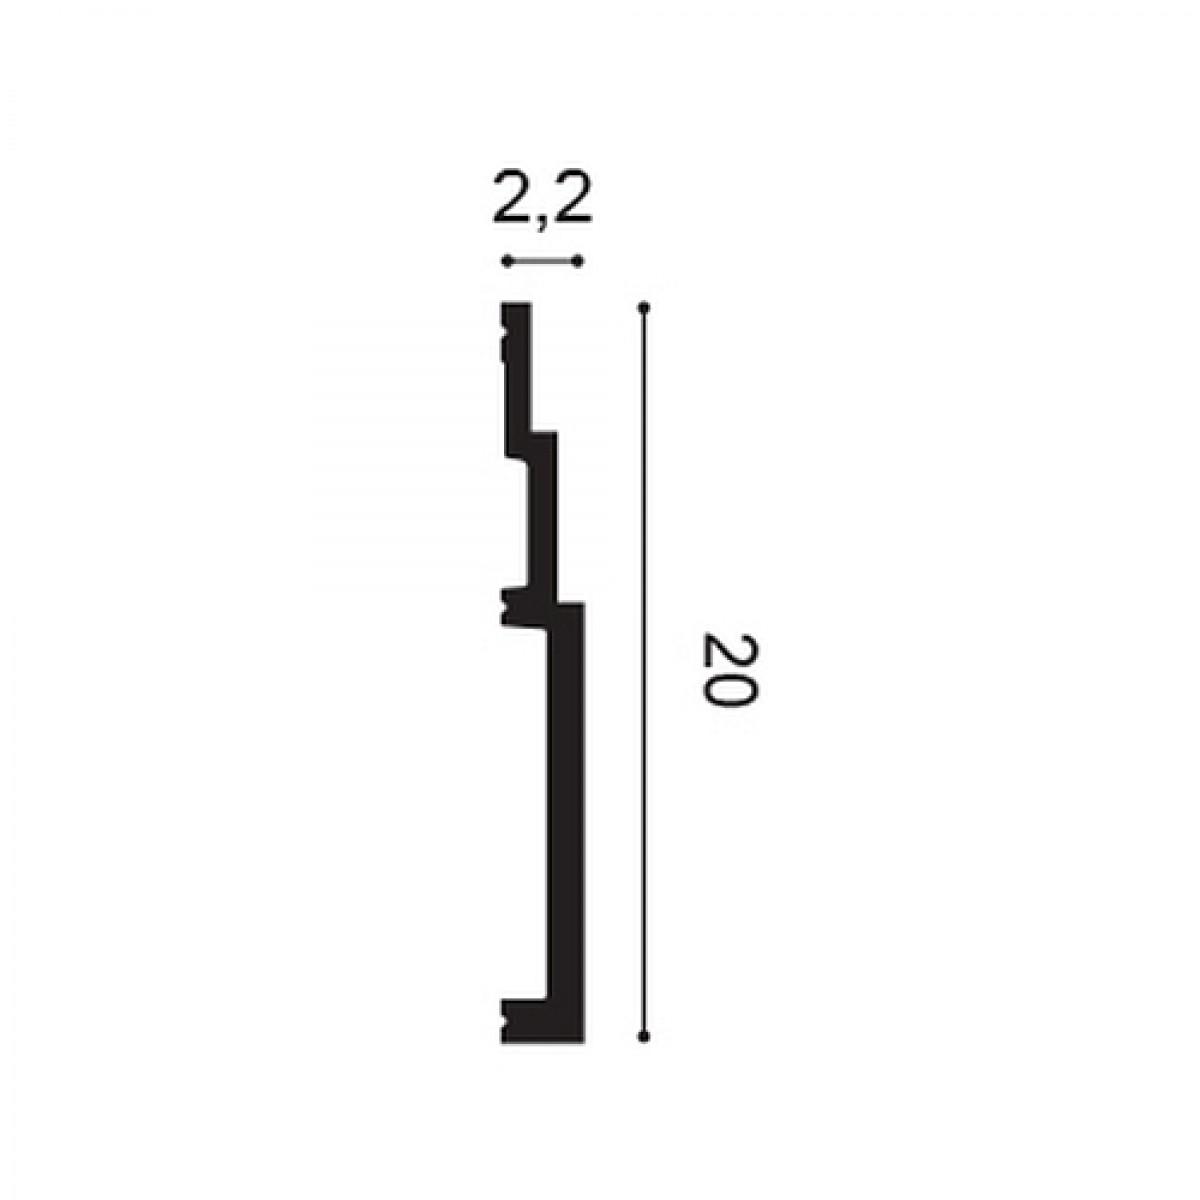 Plinta Modern SX181, Dimensiuni: 200 X 20 X 2.2 cm, Orac Decor